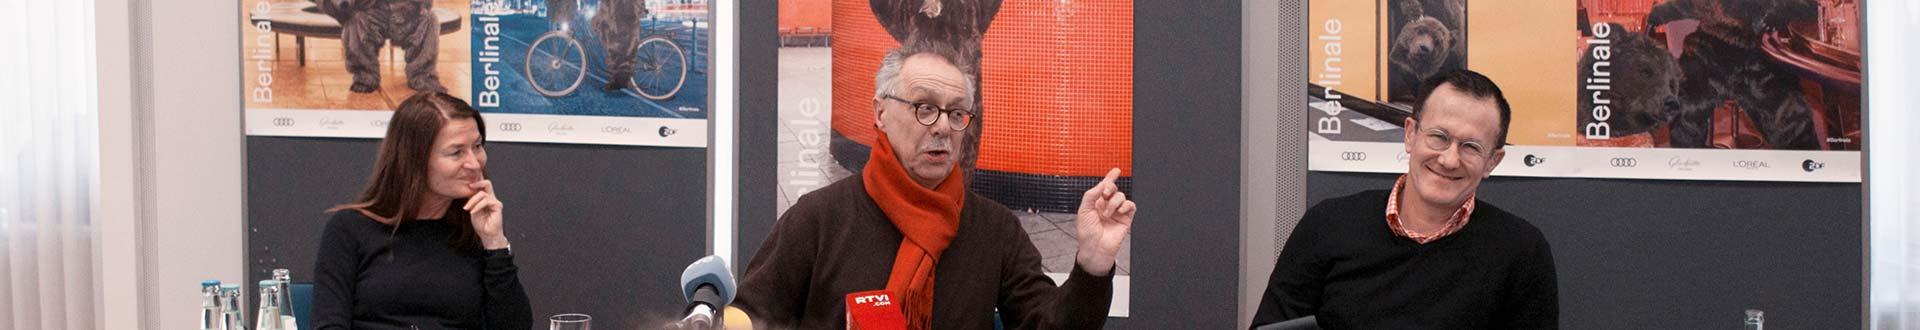 VAP-Gespräch mit Dieter Kosslick, Direktor der Internationalen Filmfestspiele Berlin von 2001-2019